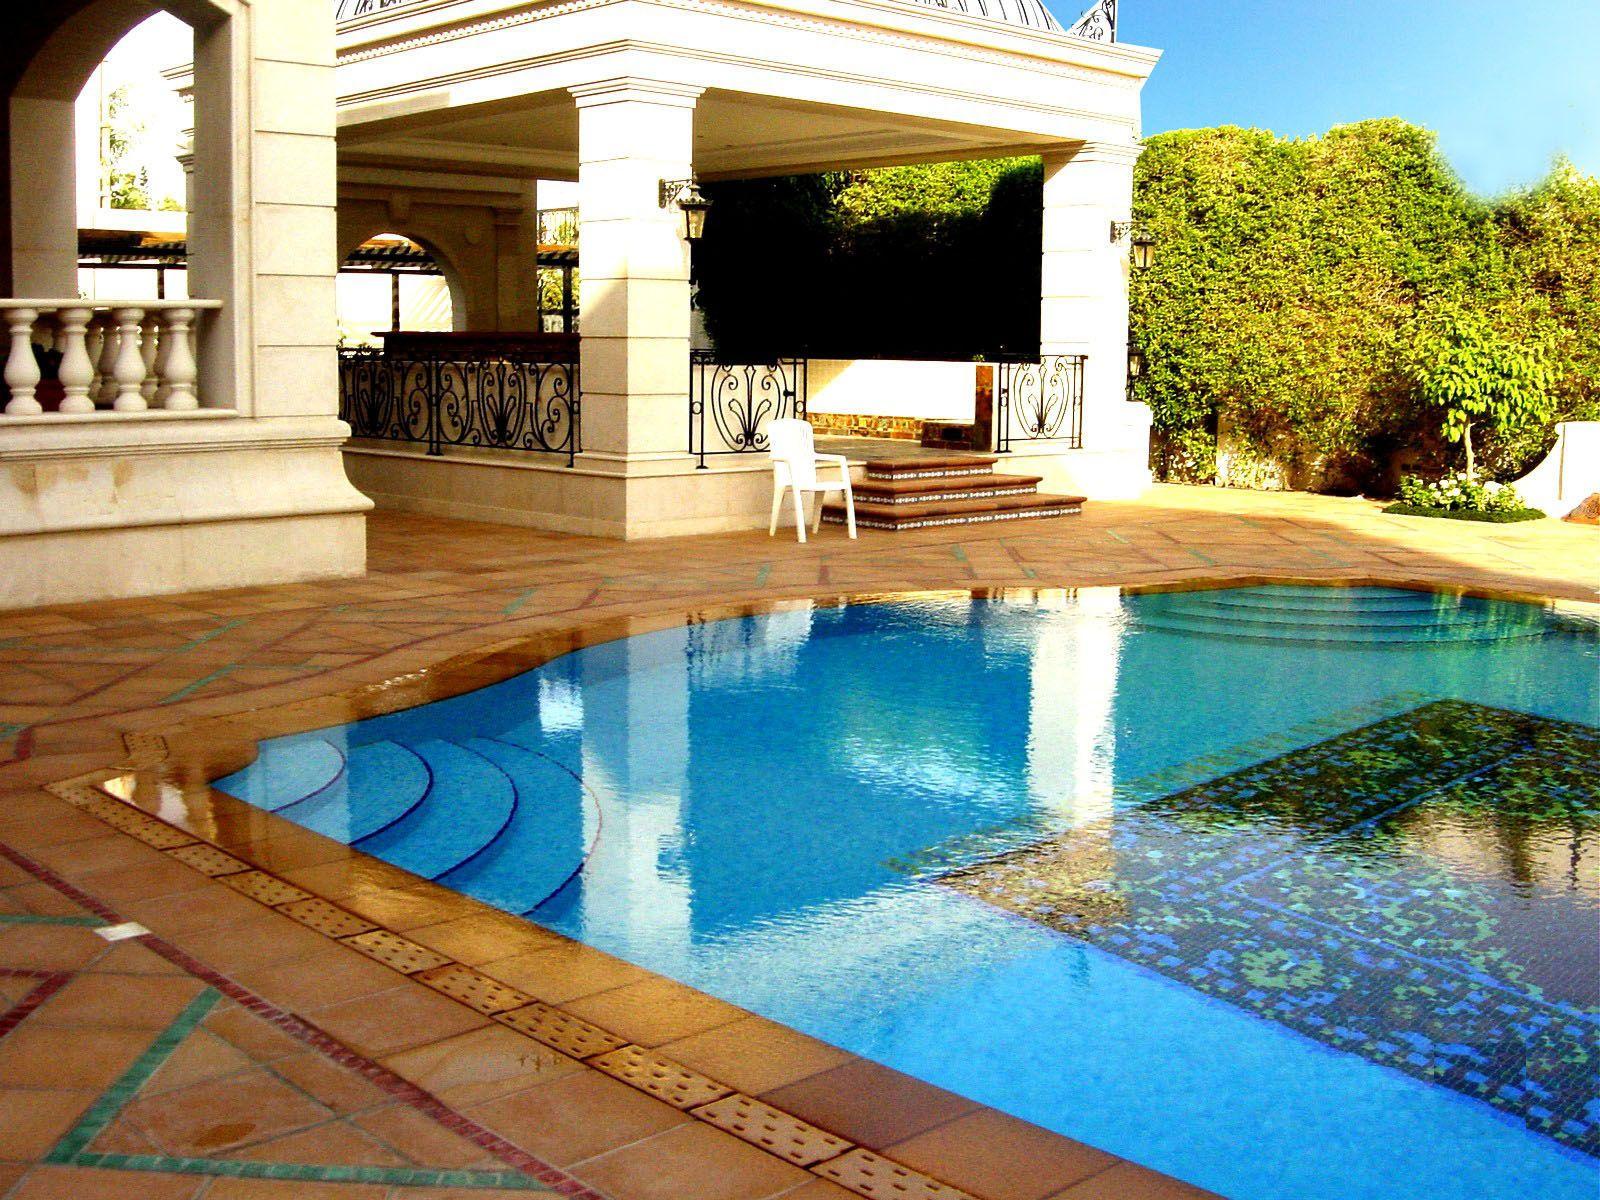 Cer mica para piscinas este material adem s de la - Diseno de piscinas ...